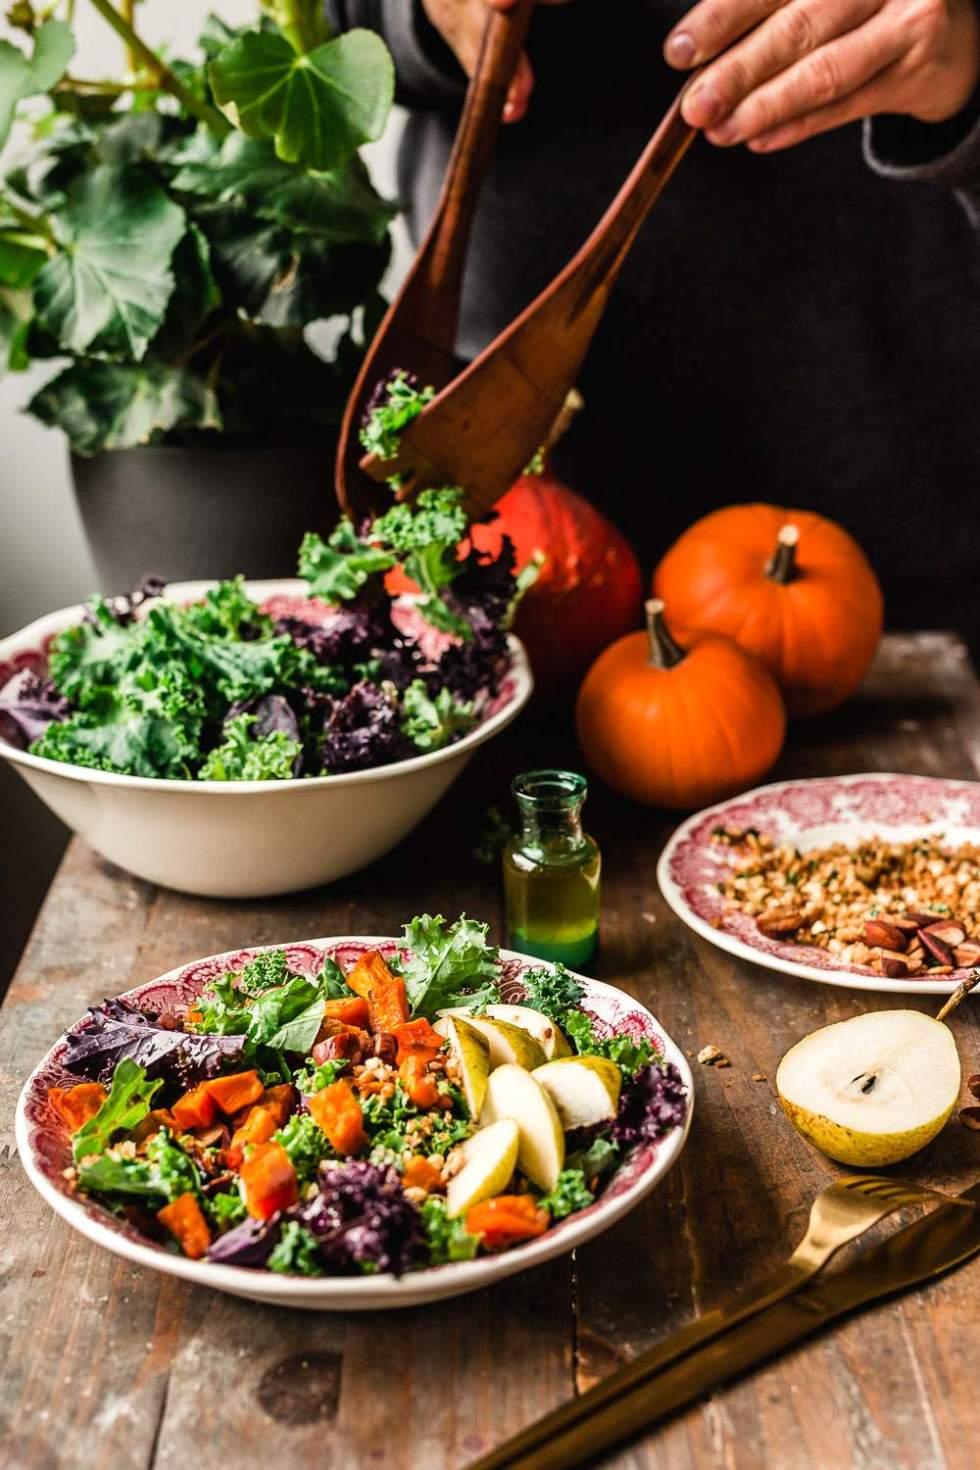 Vegan kale salad with pumpkin and parmesan